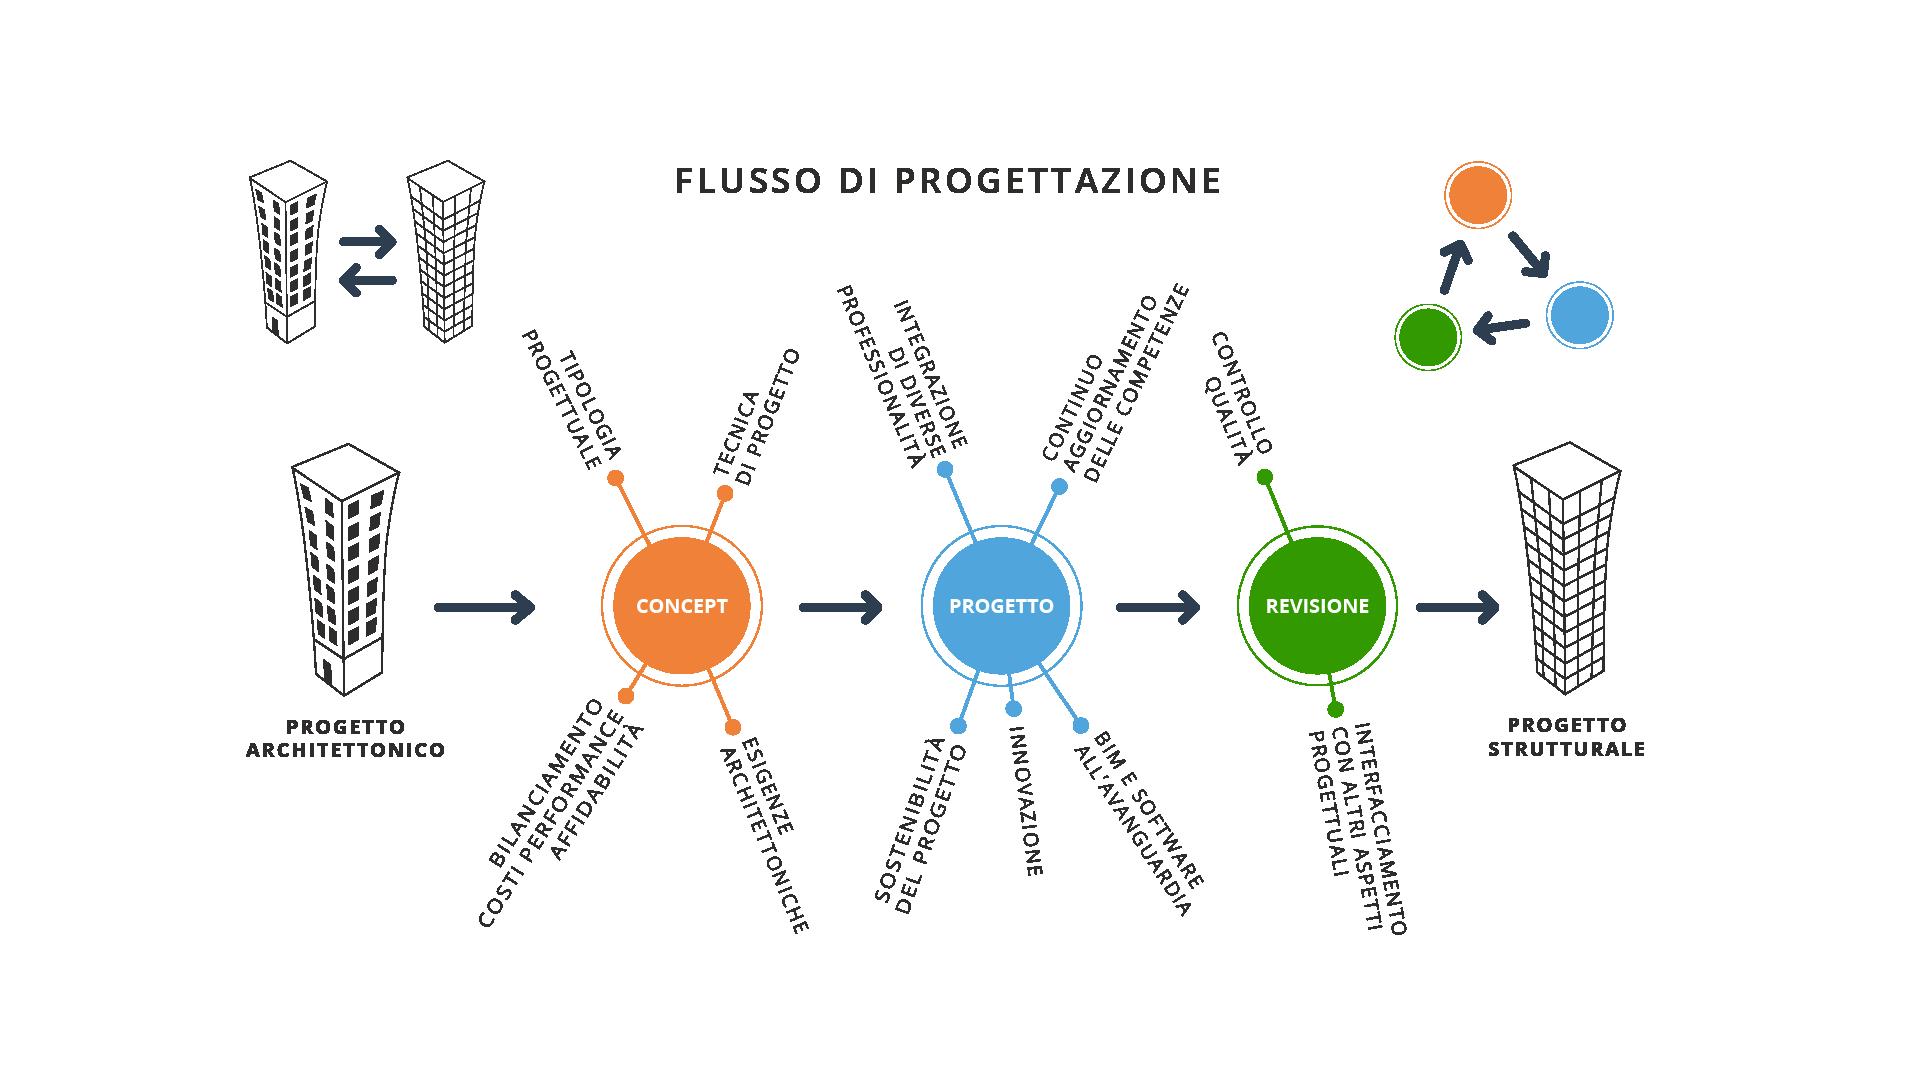 schema del flusso di progettazione